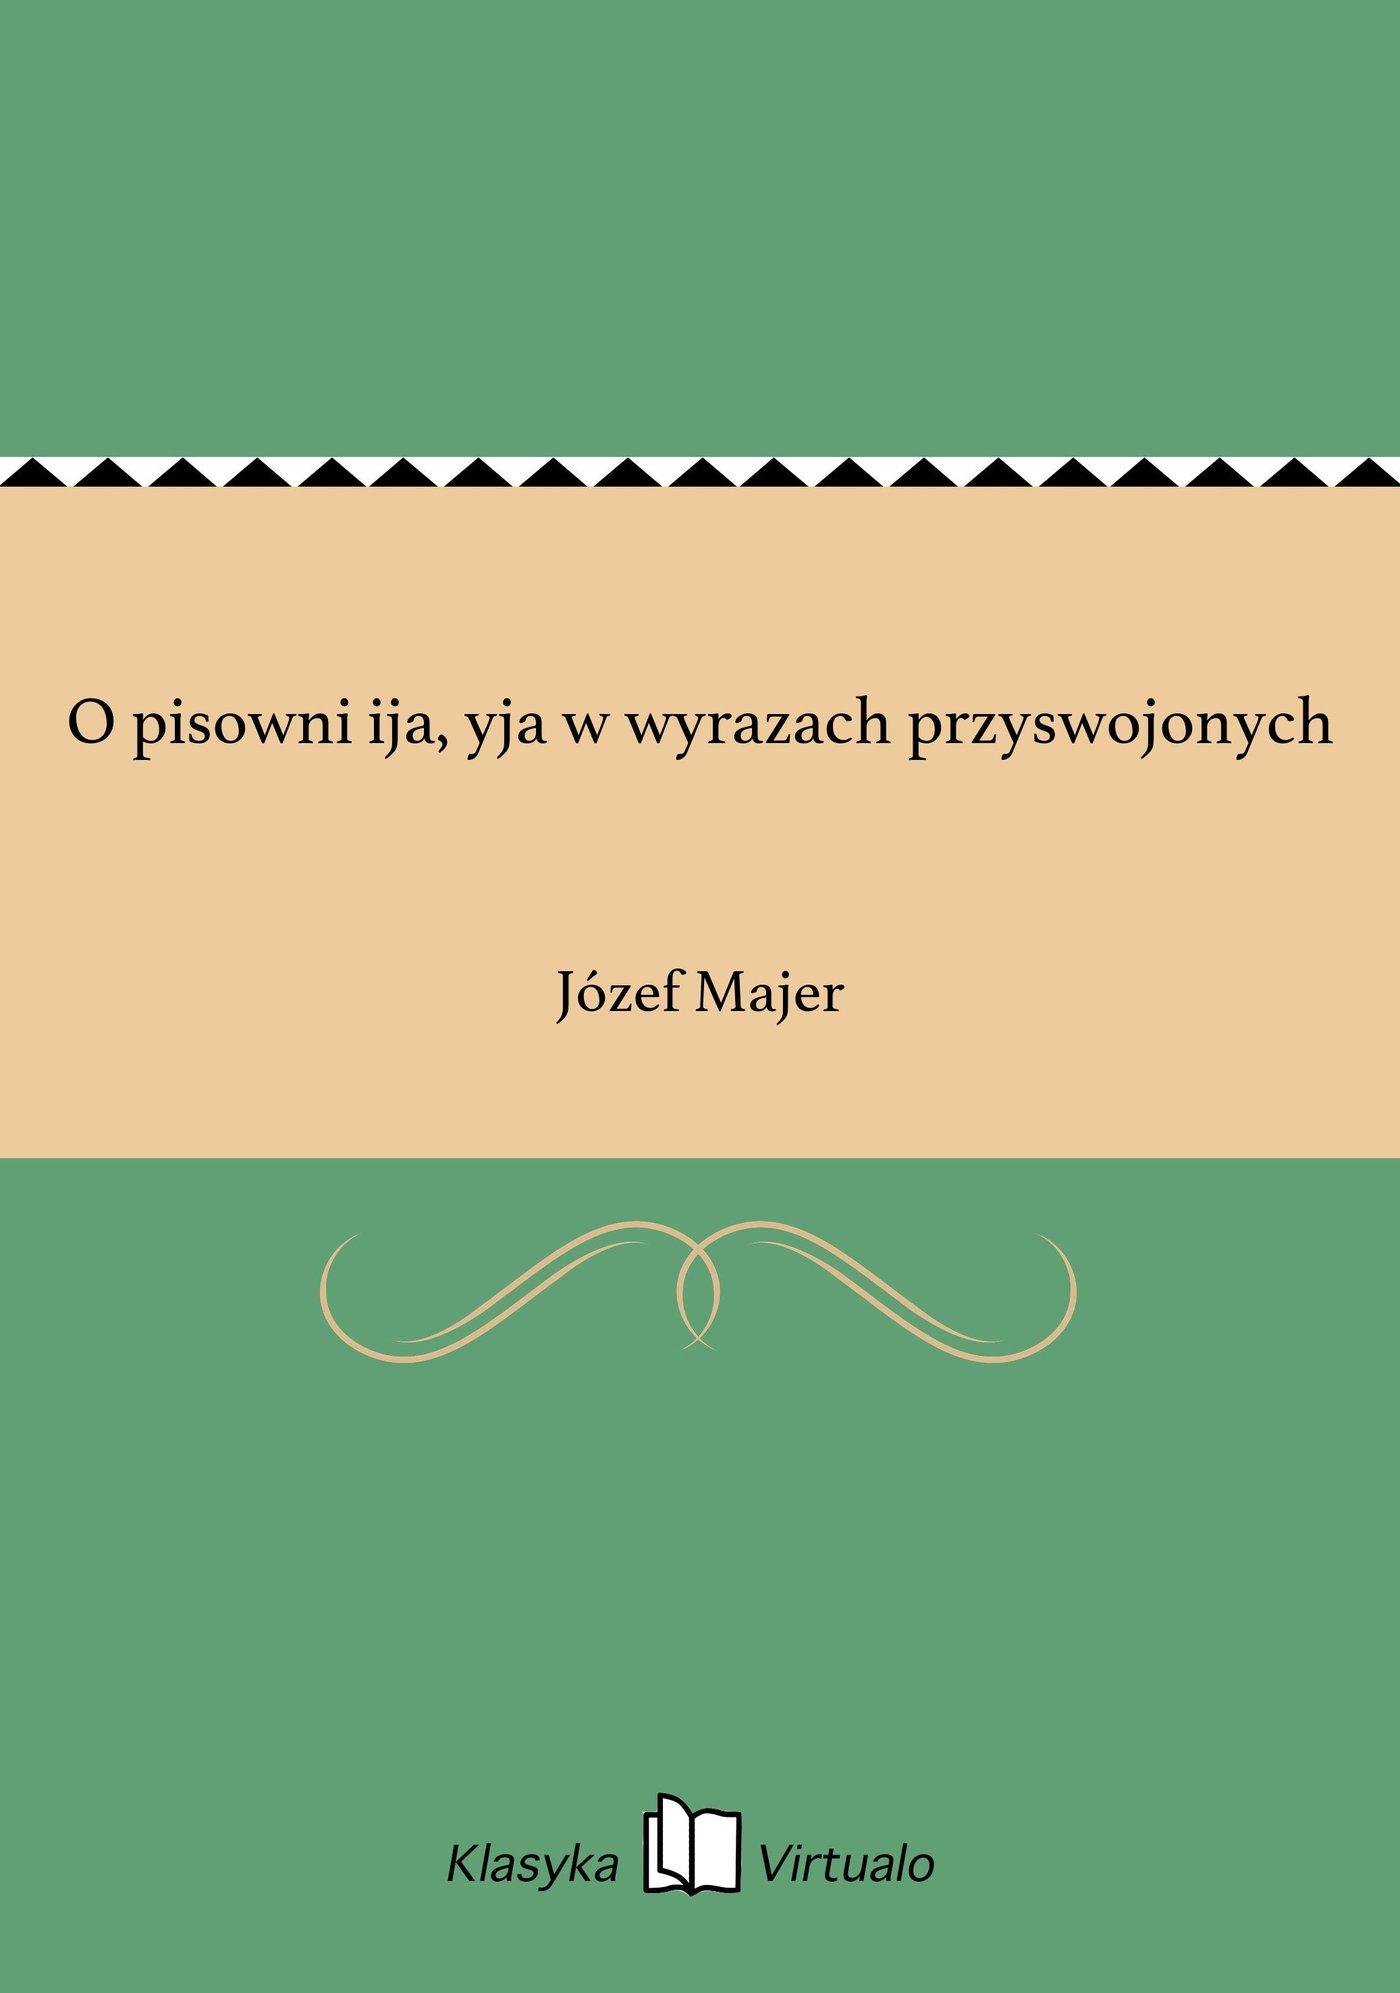 O pisowni ija, yja w wyrazach przyswojonych - Ebook (Książka EPUB) do pobrania w formacie EPUB